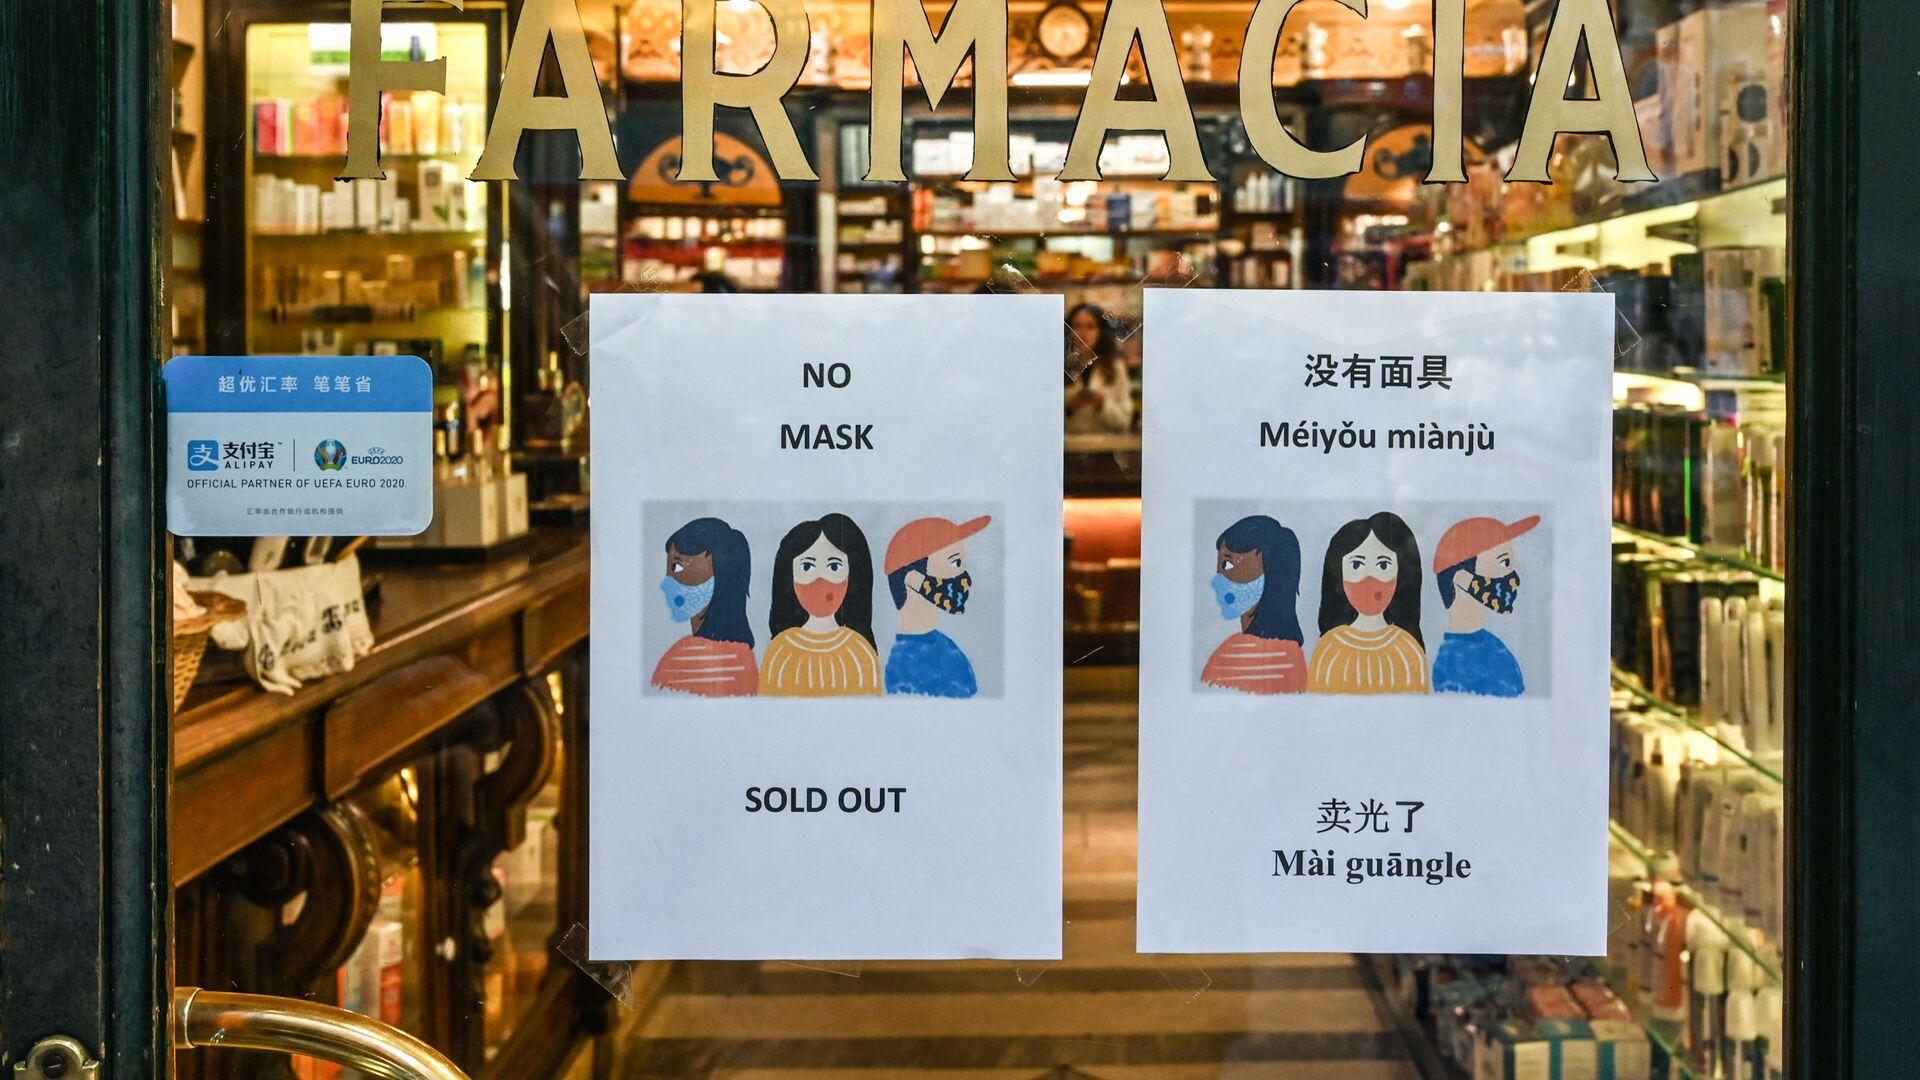 L'annuncio sold out che significa che le maschere sono finite in una farmacia italiana - Sputnik Italia, 1920, 29.05.2021